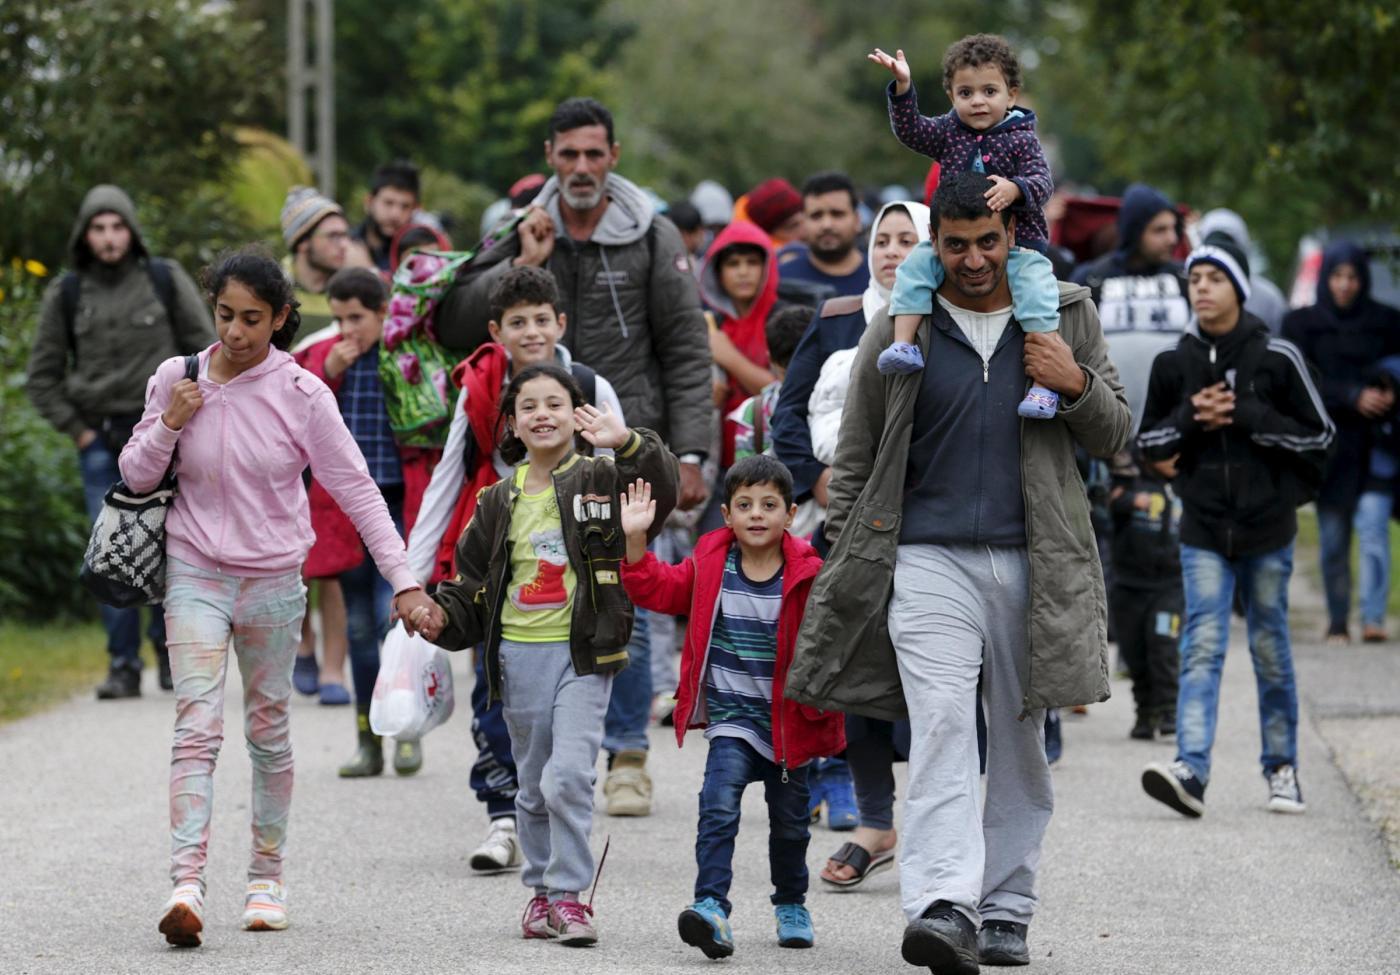 Demografia Italia, italiani in via d'estinzione: ci salveranno gli immigrati?